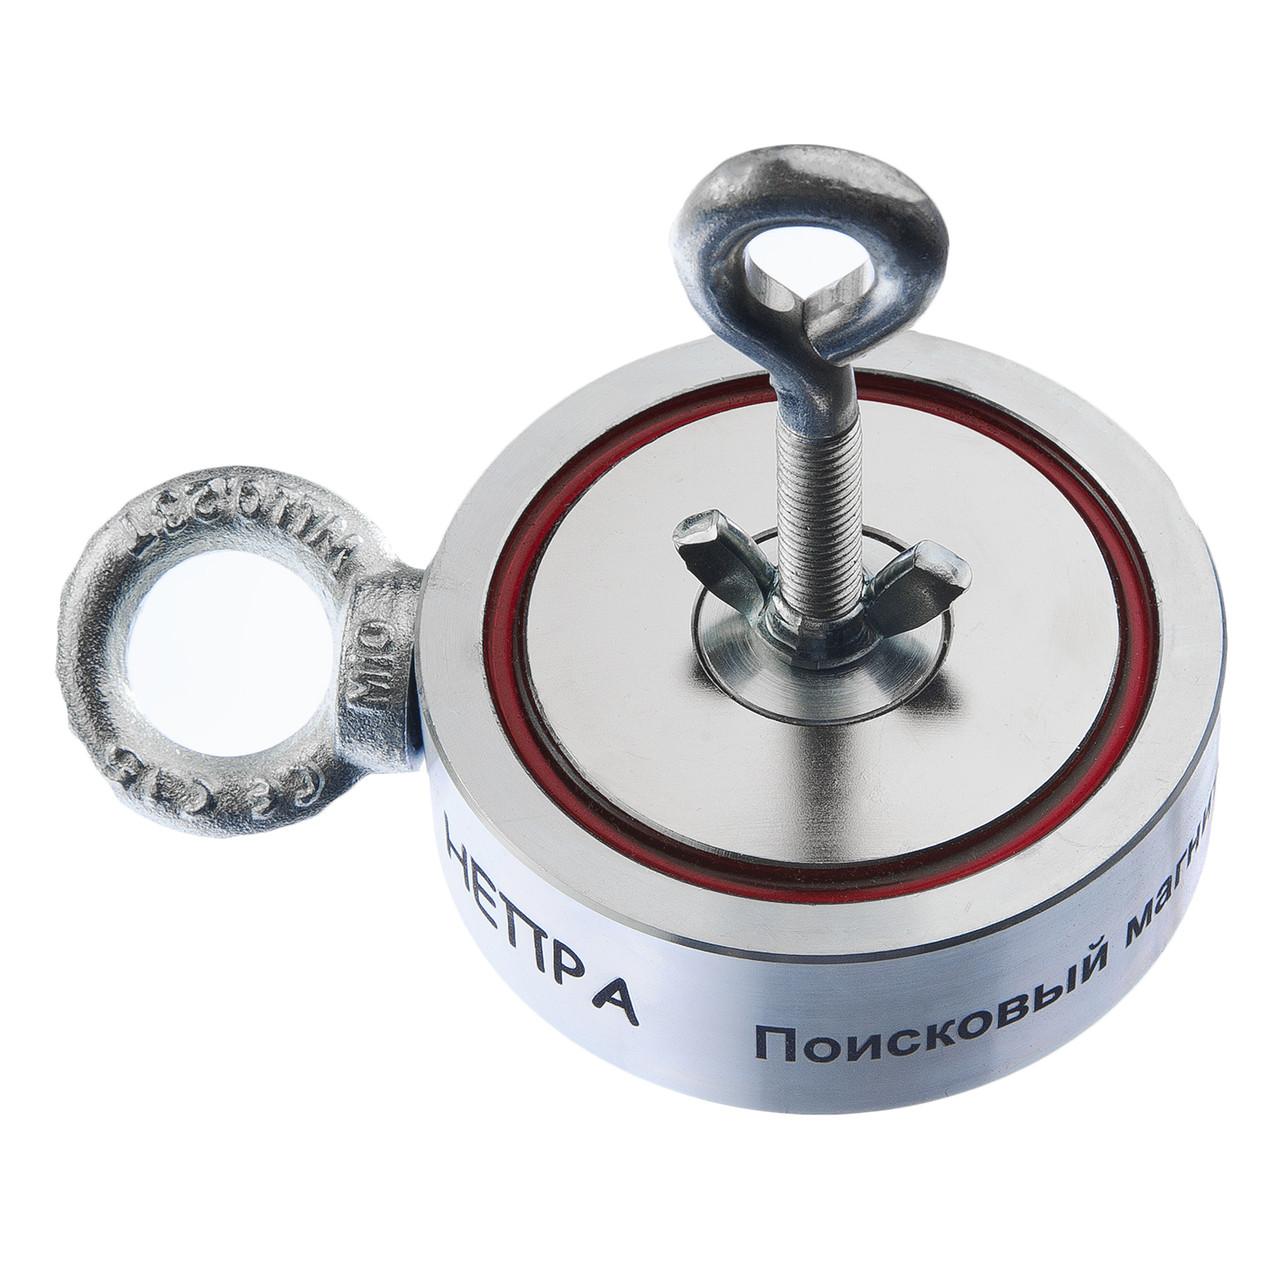 Поисковый магнит 2F300 Двухсторонний Непра